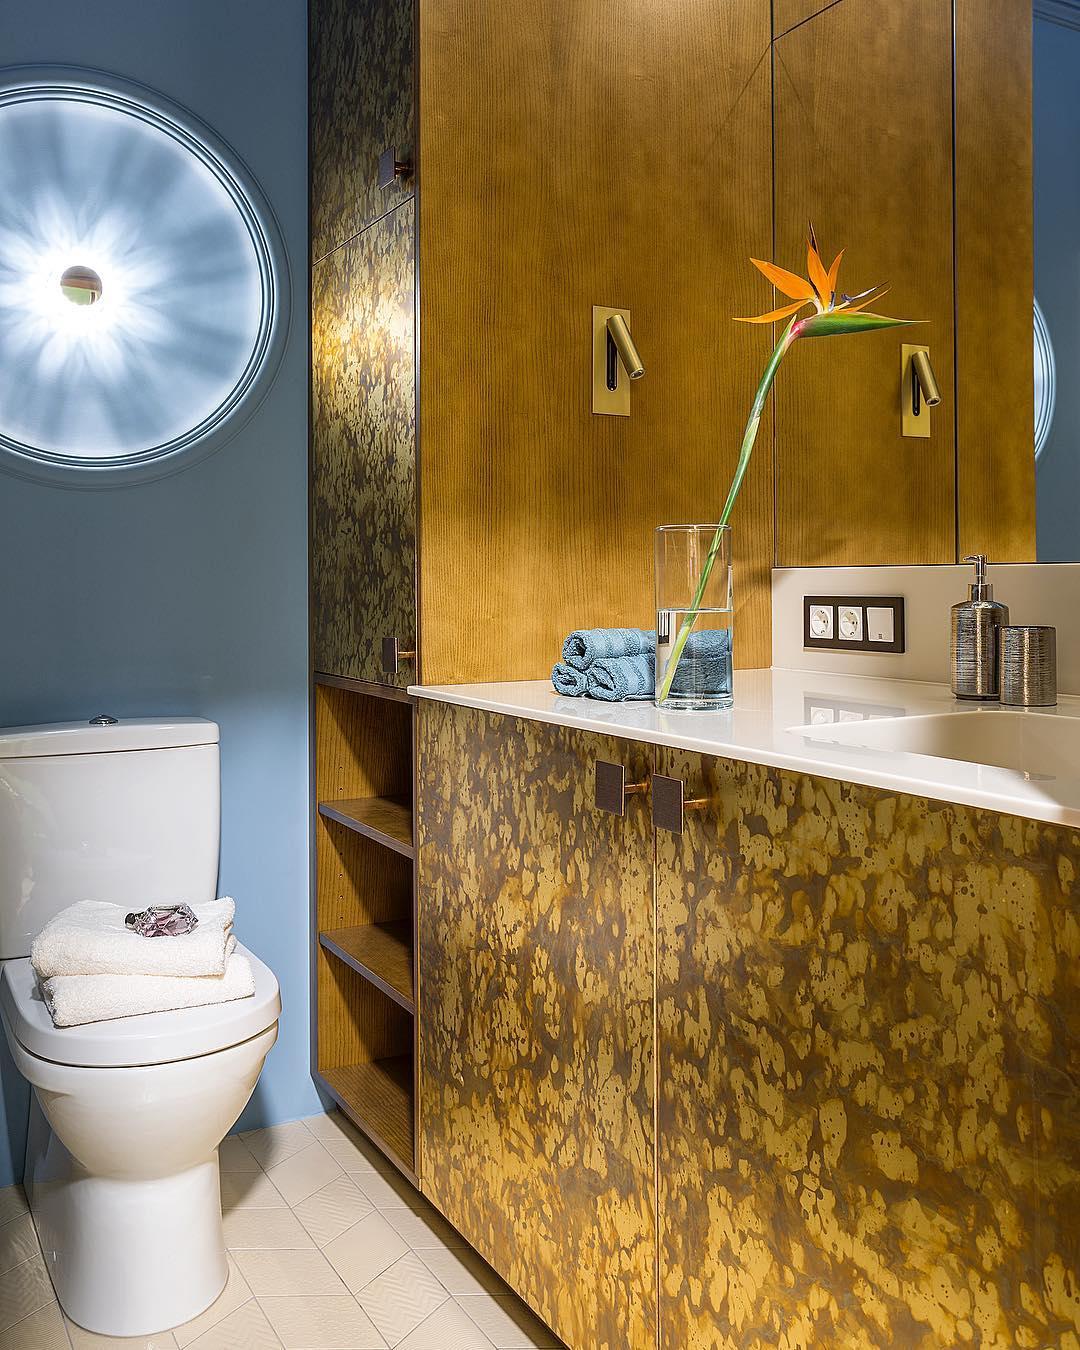 Make Interiors | Такая смелая ванная комната в проекте #tropical_holiday65 🛁 Шкаф для хранения и стиральной машинки под раковиной облицован металлическими панелями👍🏻 А весь корпус выполнен из дерева! В боковины встроены латунные светильники от @astrolighting Светильник над унитазом мы придумали так: чтобы лучи от лампочки прервать💡, встроили в стену диск из полиуретана. Получилась своеобразная форма солнца ☀️ ! #makeinteriors А вам нравится ванная комната?!!😉